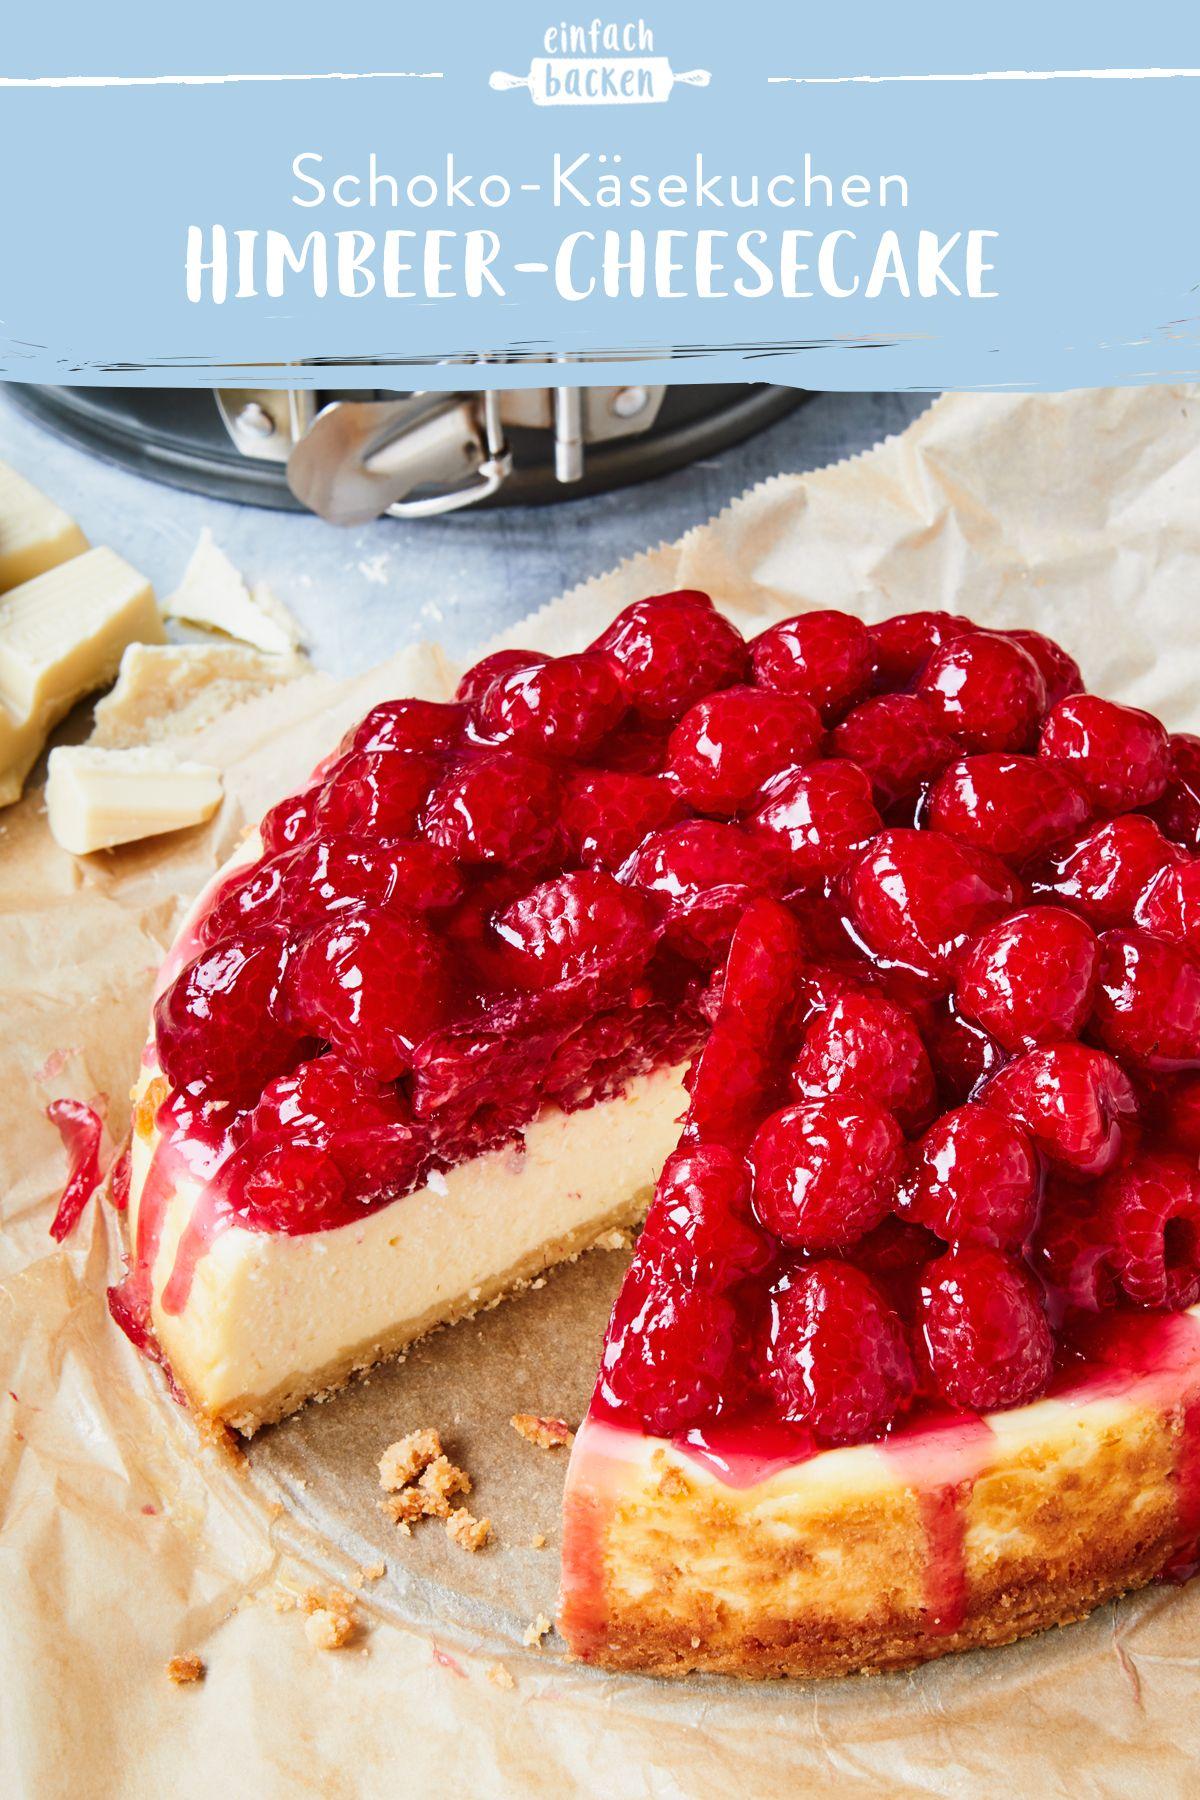 Himbeer-Cheesecake mit weißer Schokolade #cheesecakerecipes